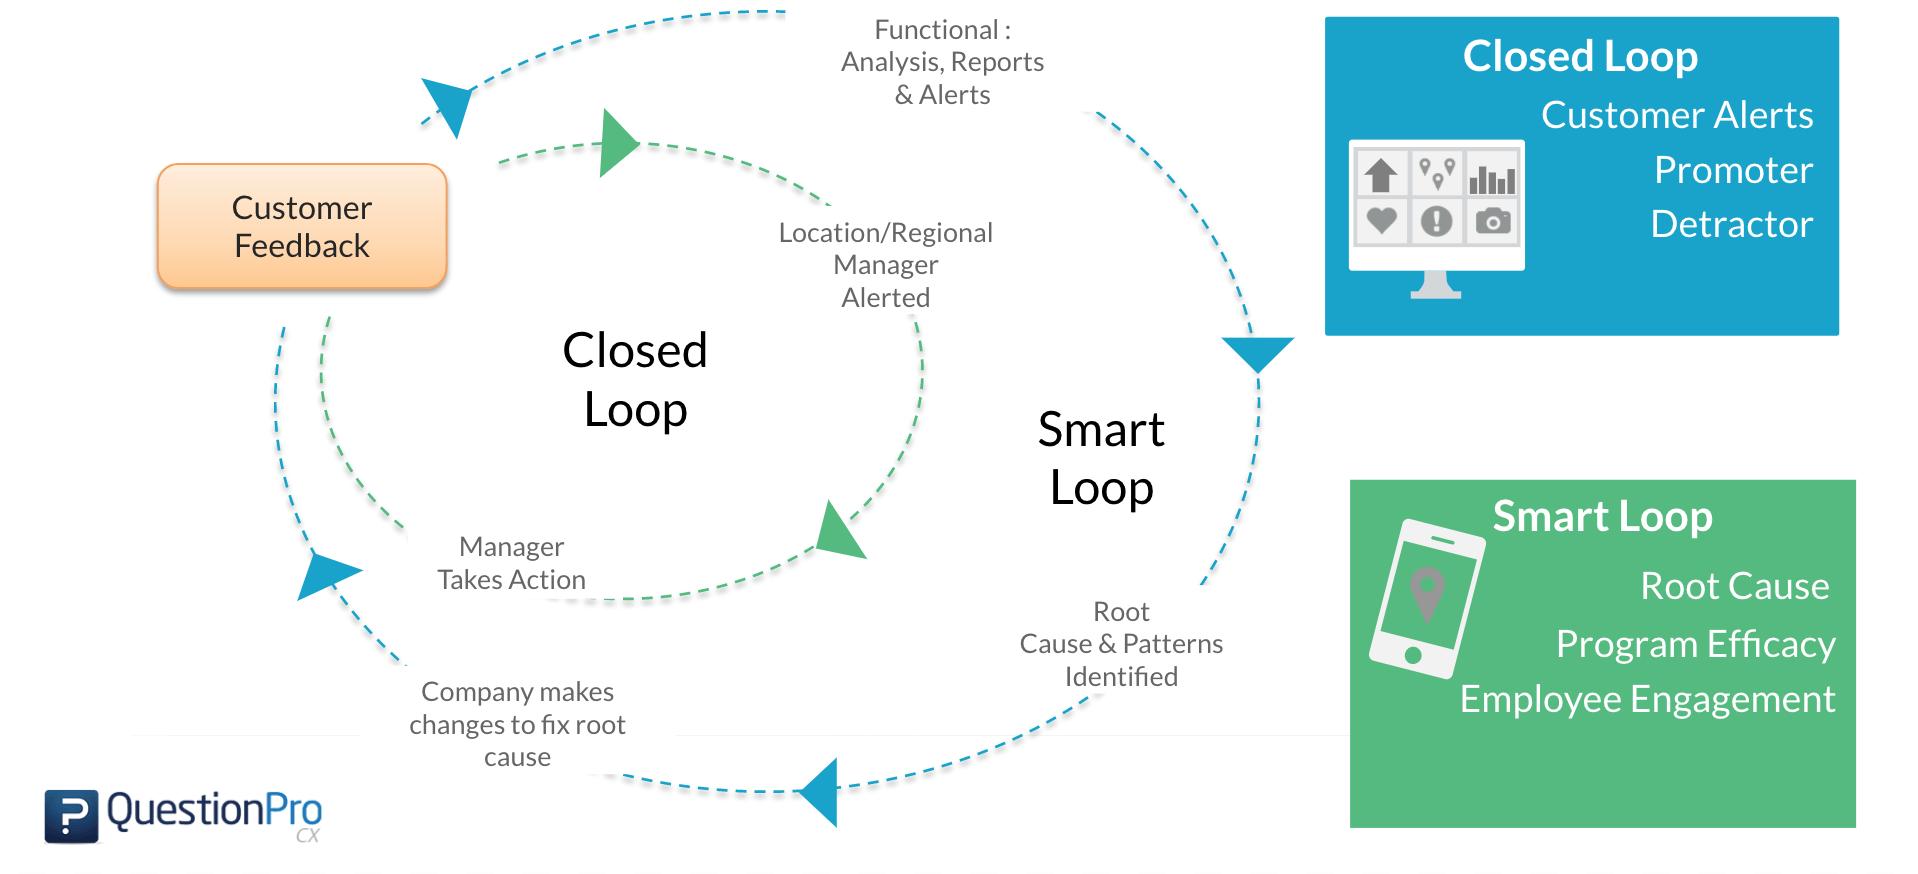 smart-loop-attributes